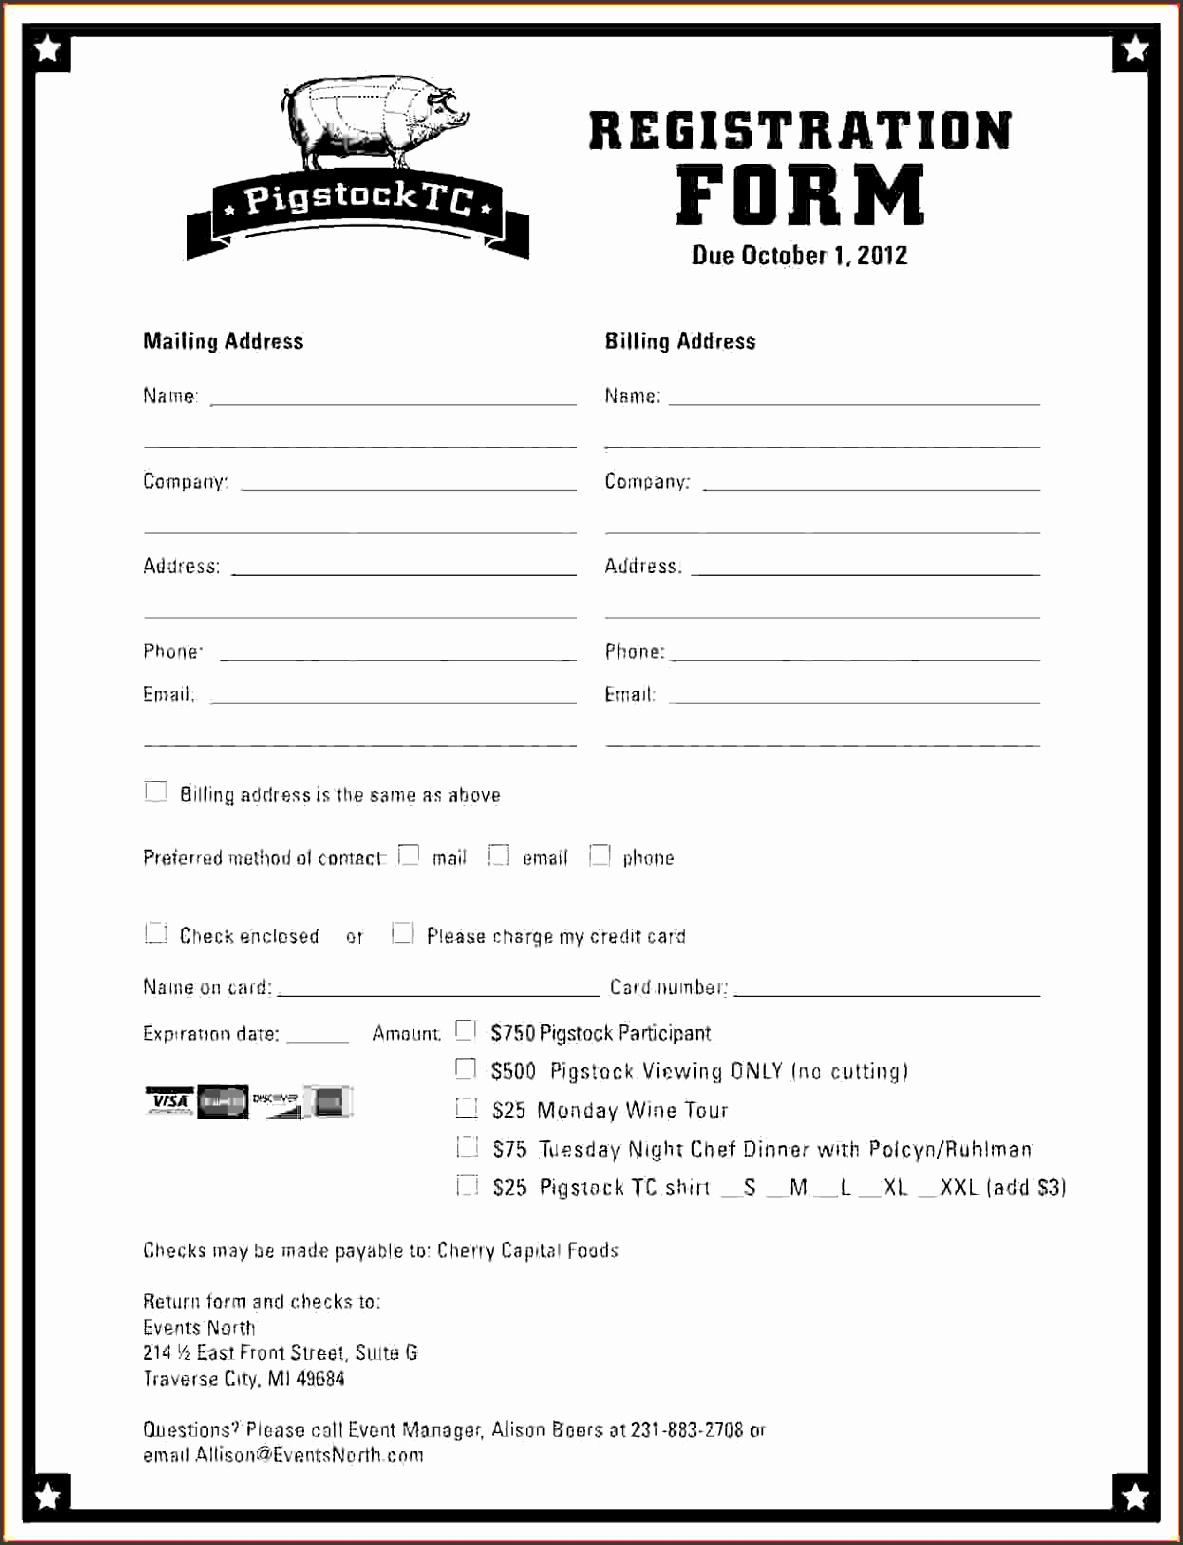 registration form template pigstockt printable registration form template form full